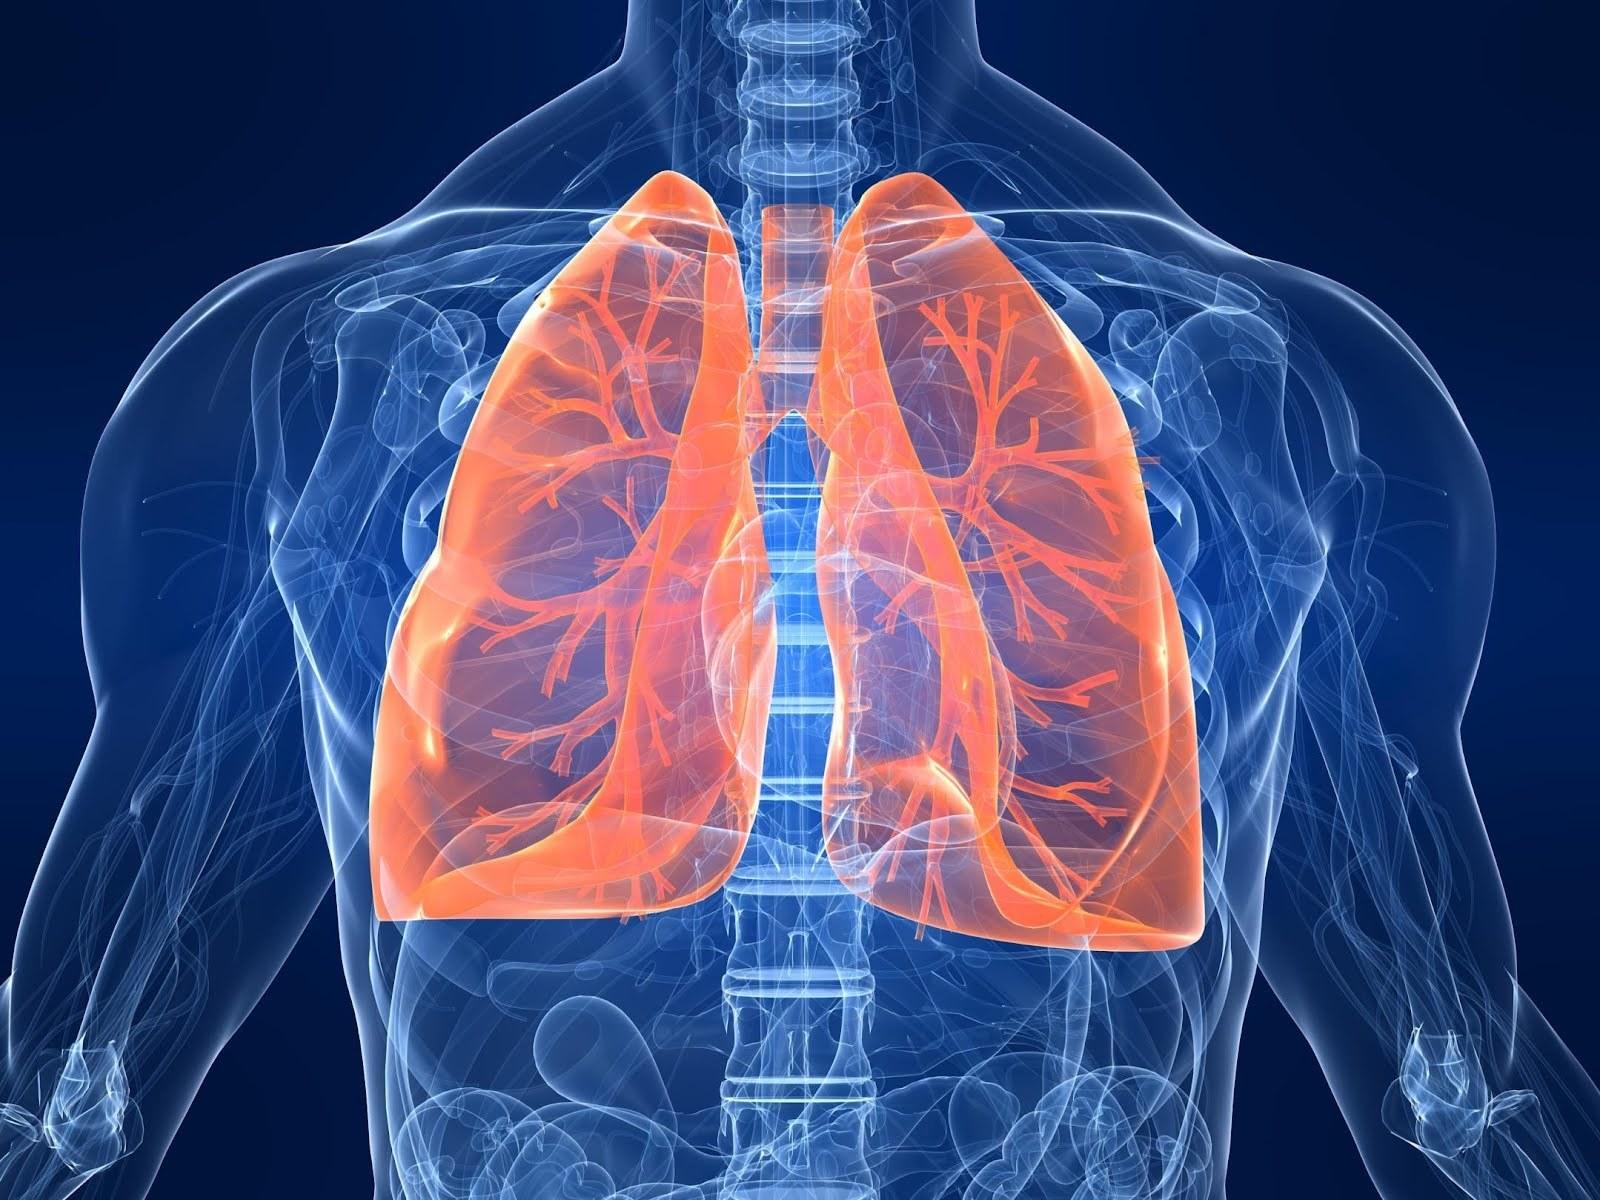 Разработка ТУСУР поможет вдиагностике проблем сдыханием